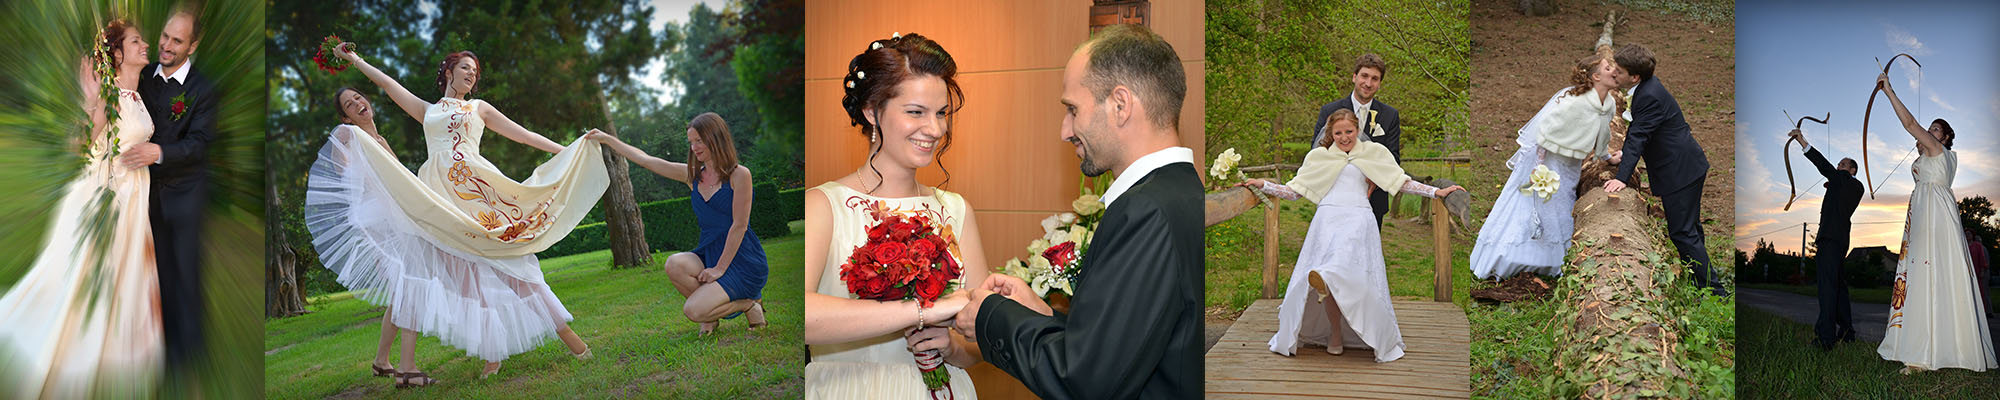 Esküvői fotózás szalag 02